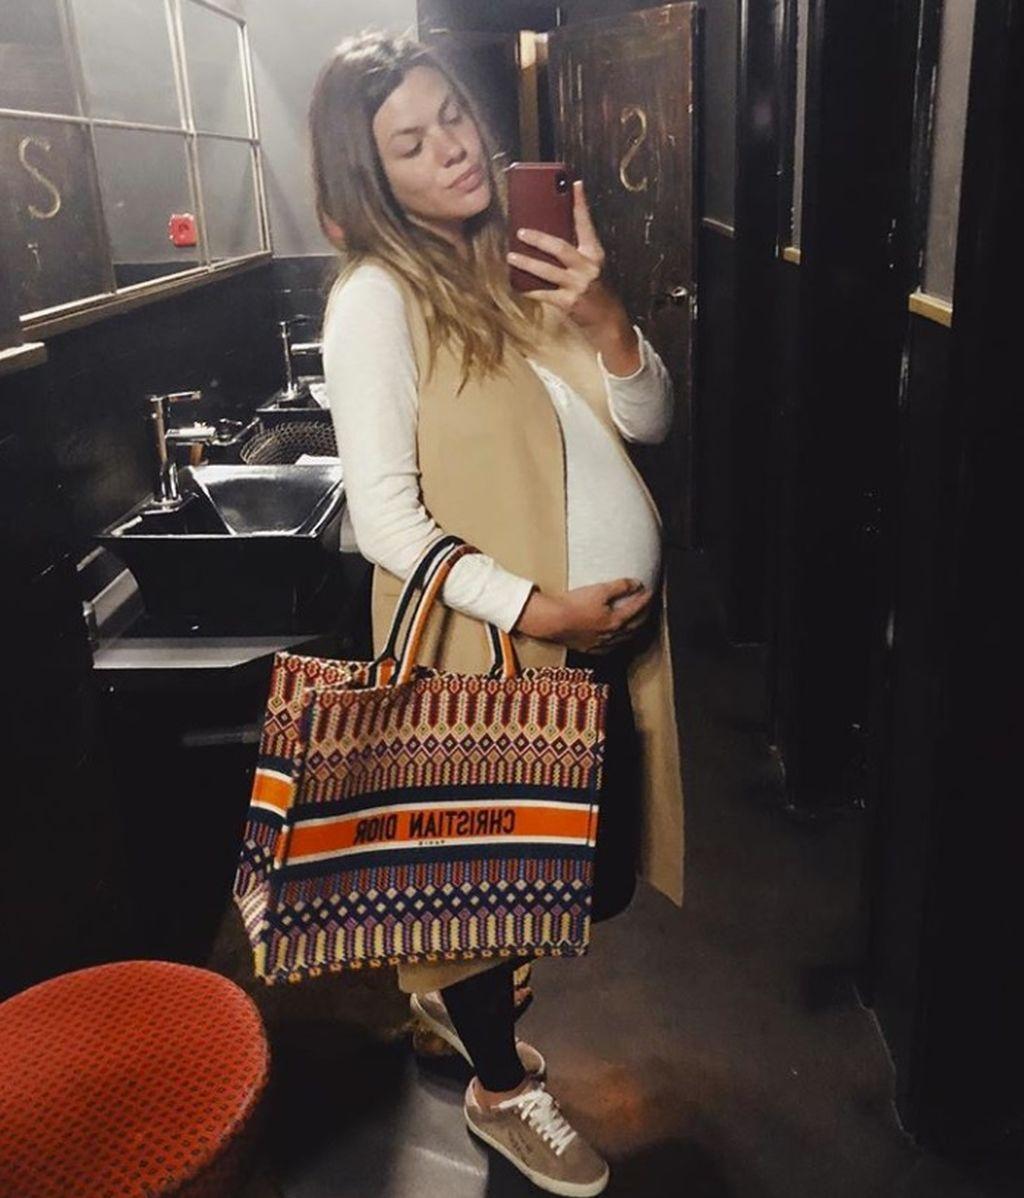 Comienza la cuenta atrás de Laura Matamoros: ayer salió de cuentas